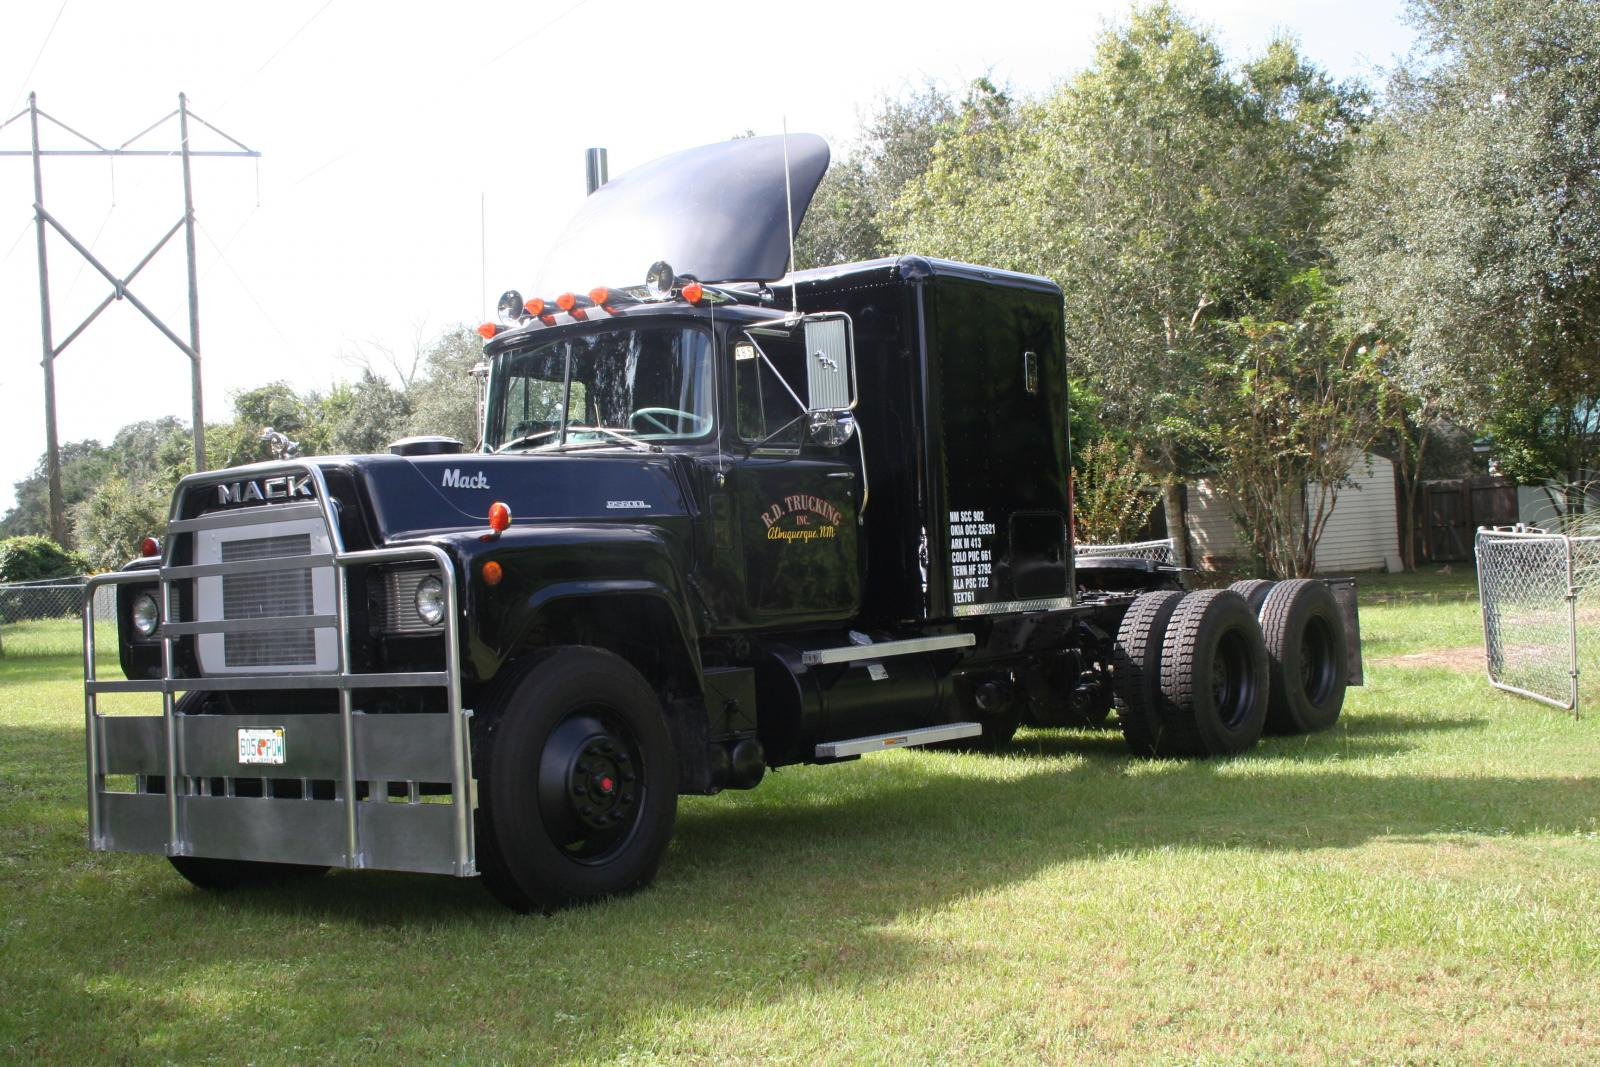 Rubber Duck Replica Truck For Sale